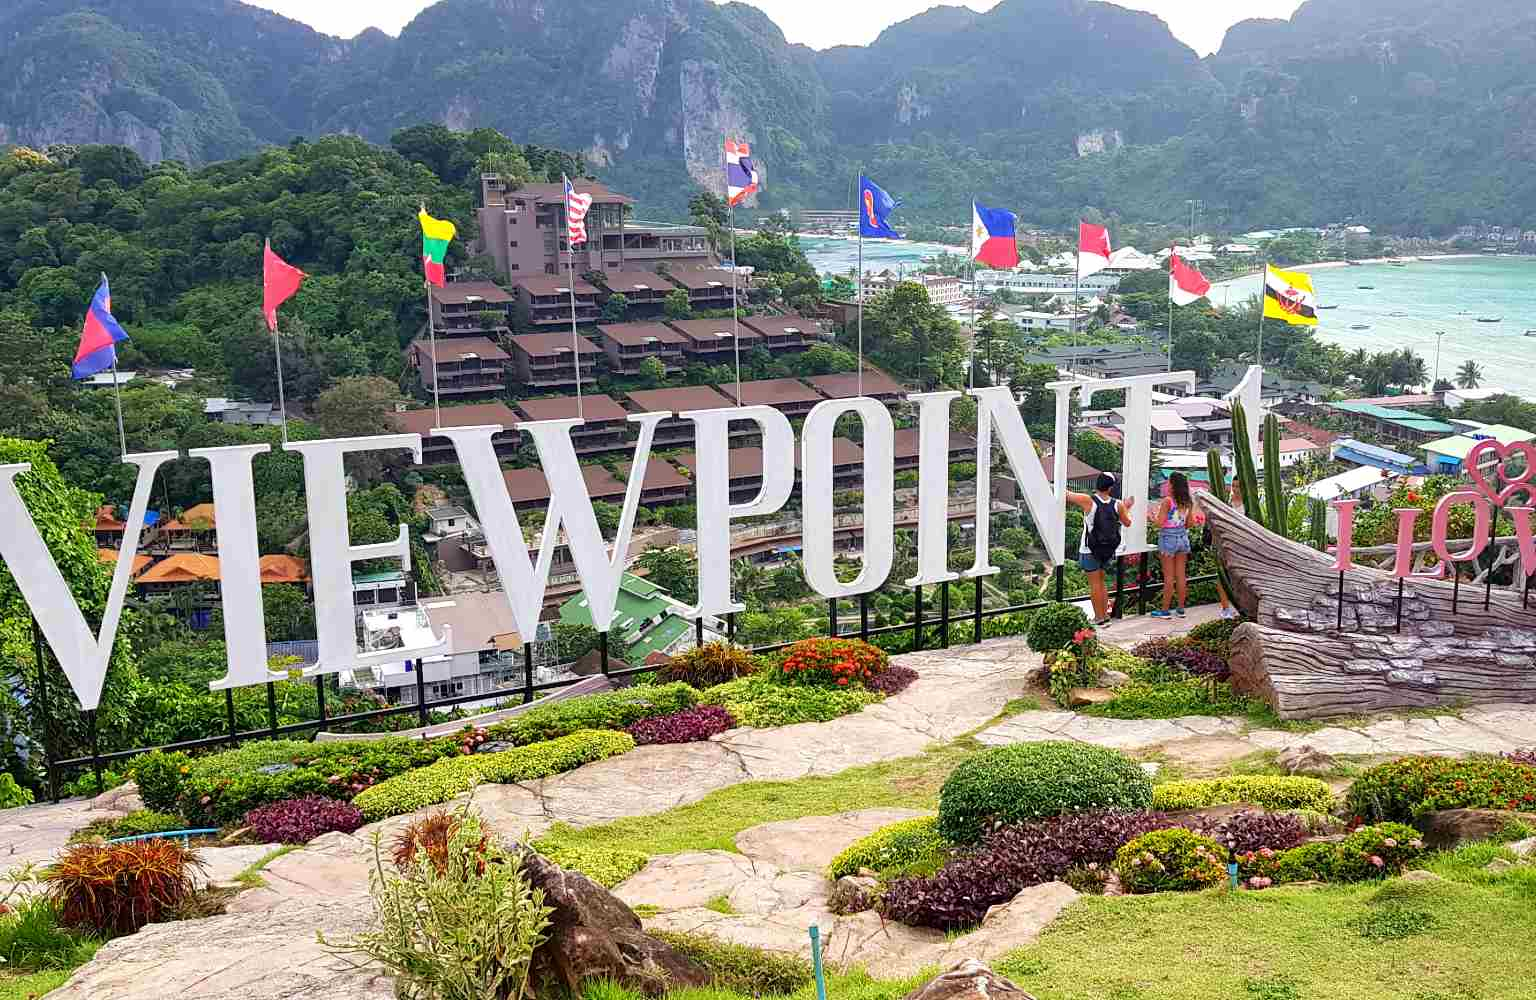 Letters viewpoint 1 en uitzicht over Phi Phi island